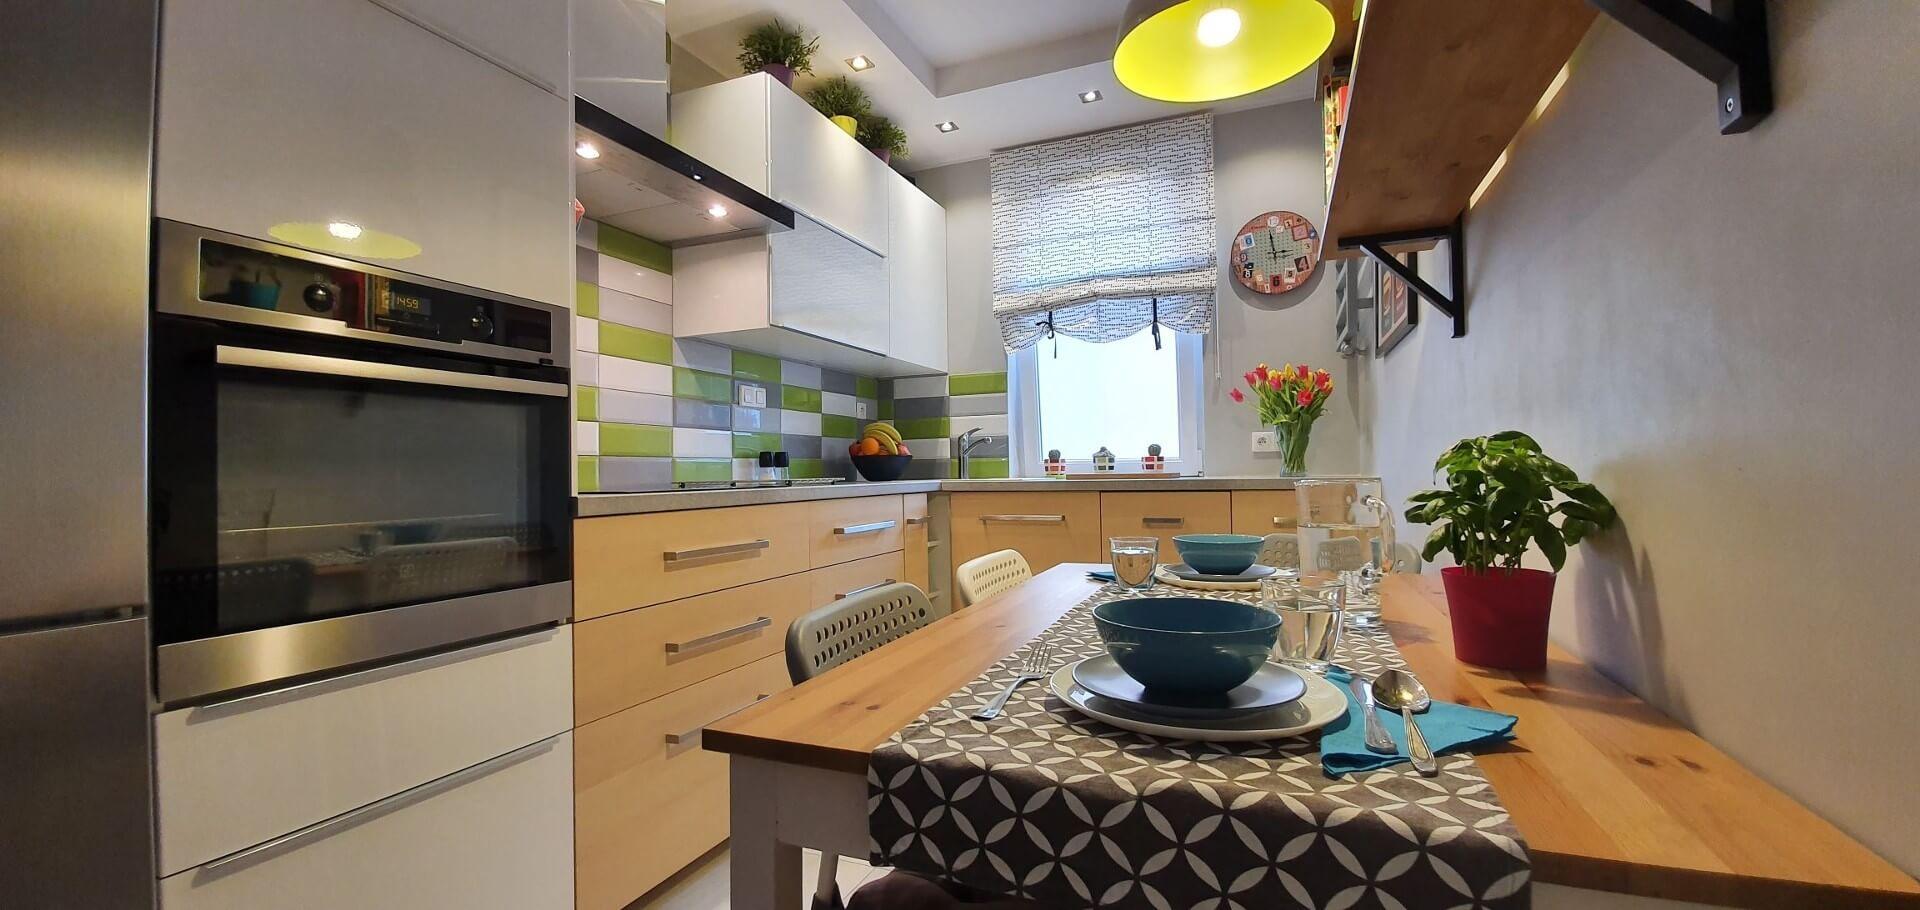 3-комнатная квартира 56 м2, Ольштын